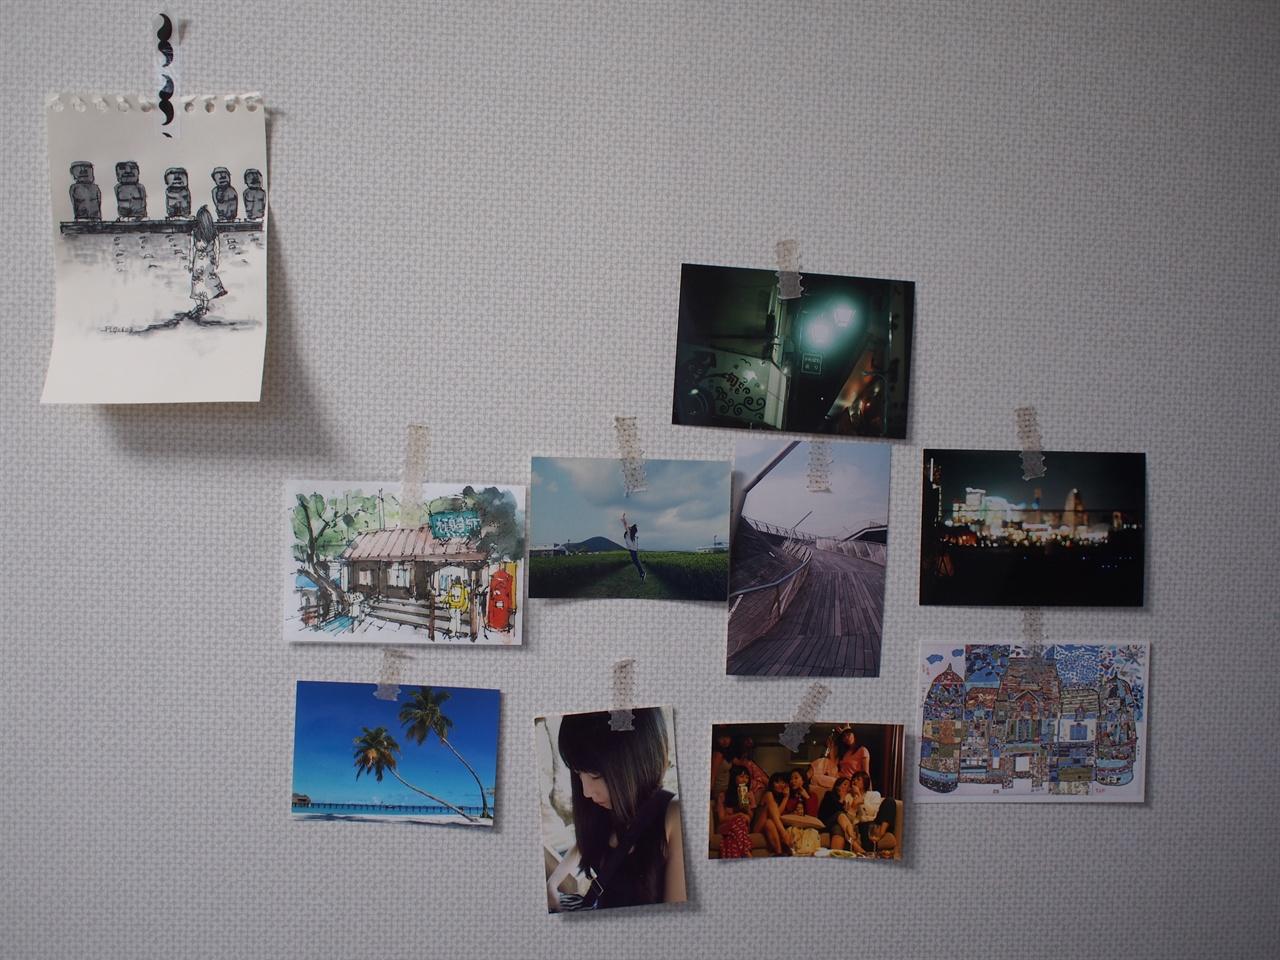 내 방의 벽에는 좋았던 여행지와 좋았던 시절, 그리고 사촌동생의 그림이 붙어있다